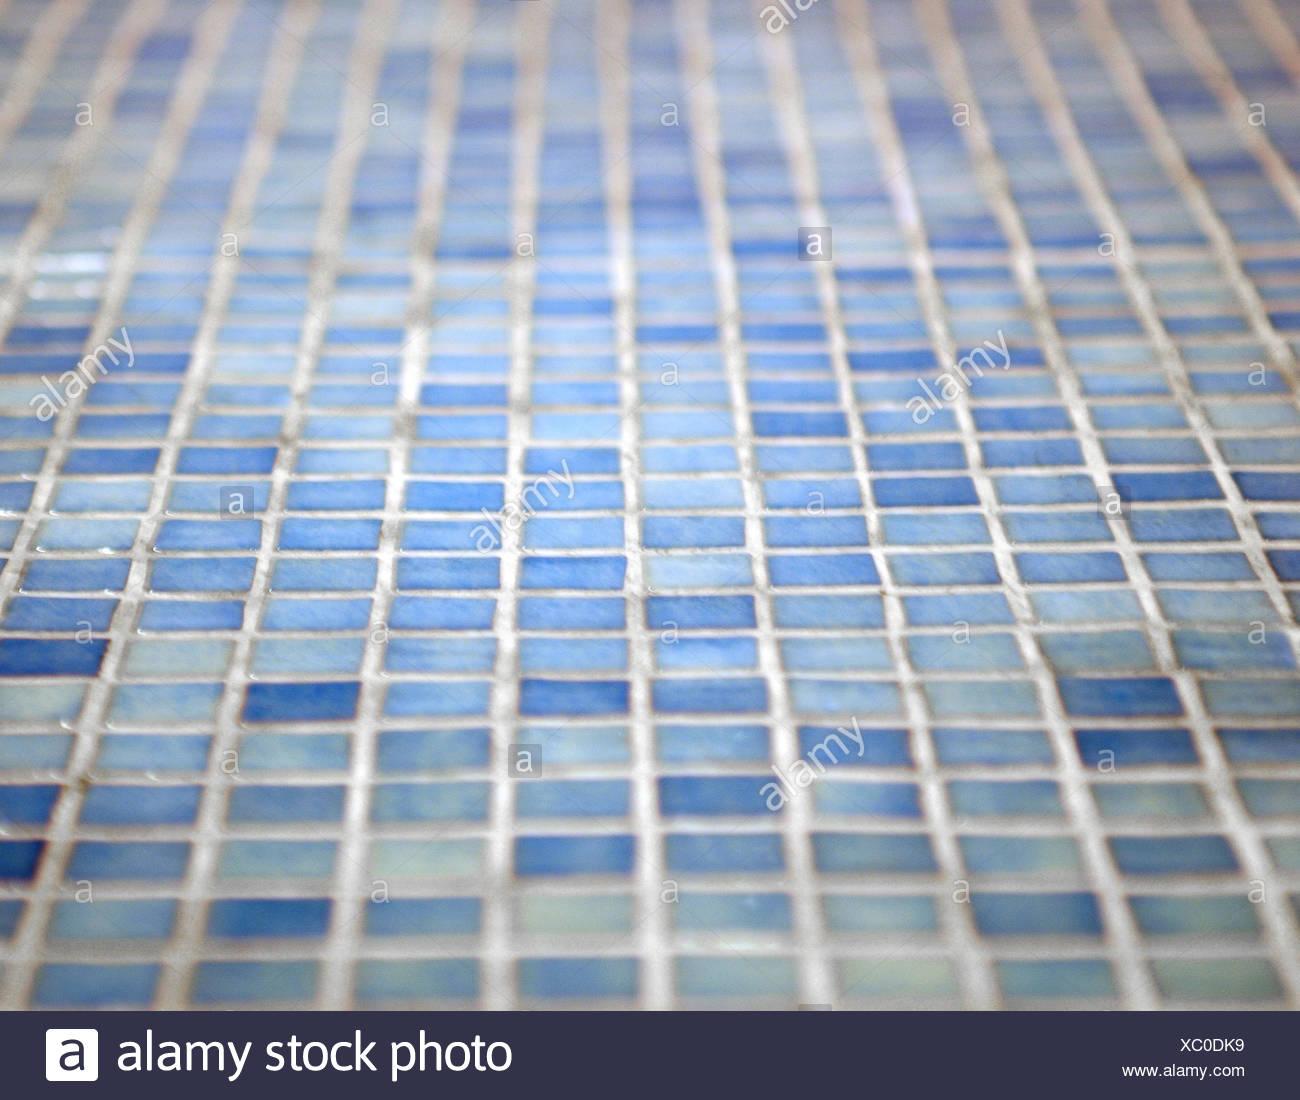 Sol De Mosaique Bleu Marbre Mosaique Carrelage Mosaique